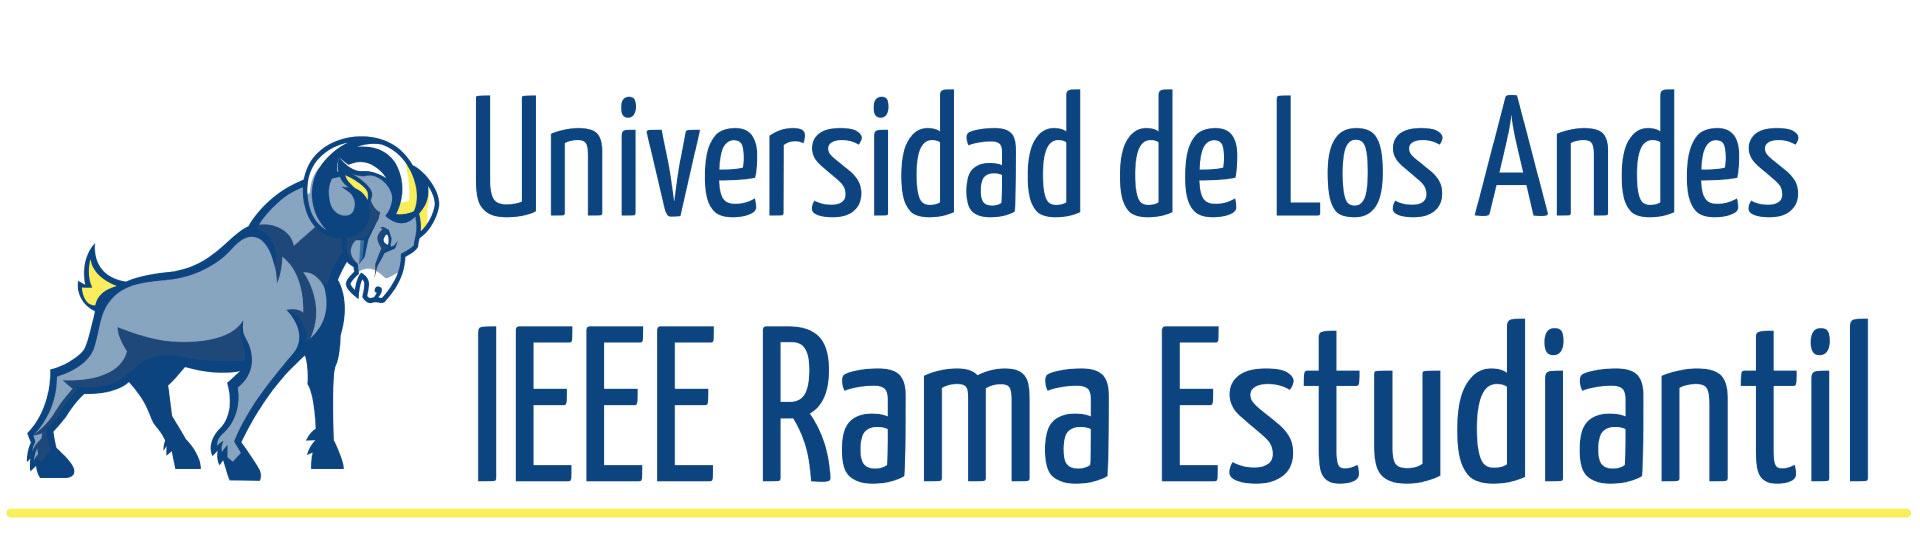 IEEE Rama Estudiantil Uniandes